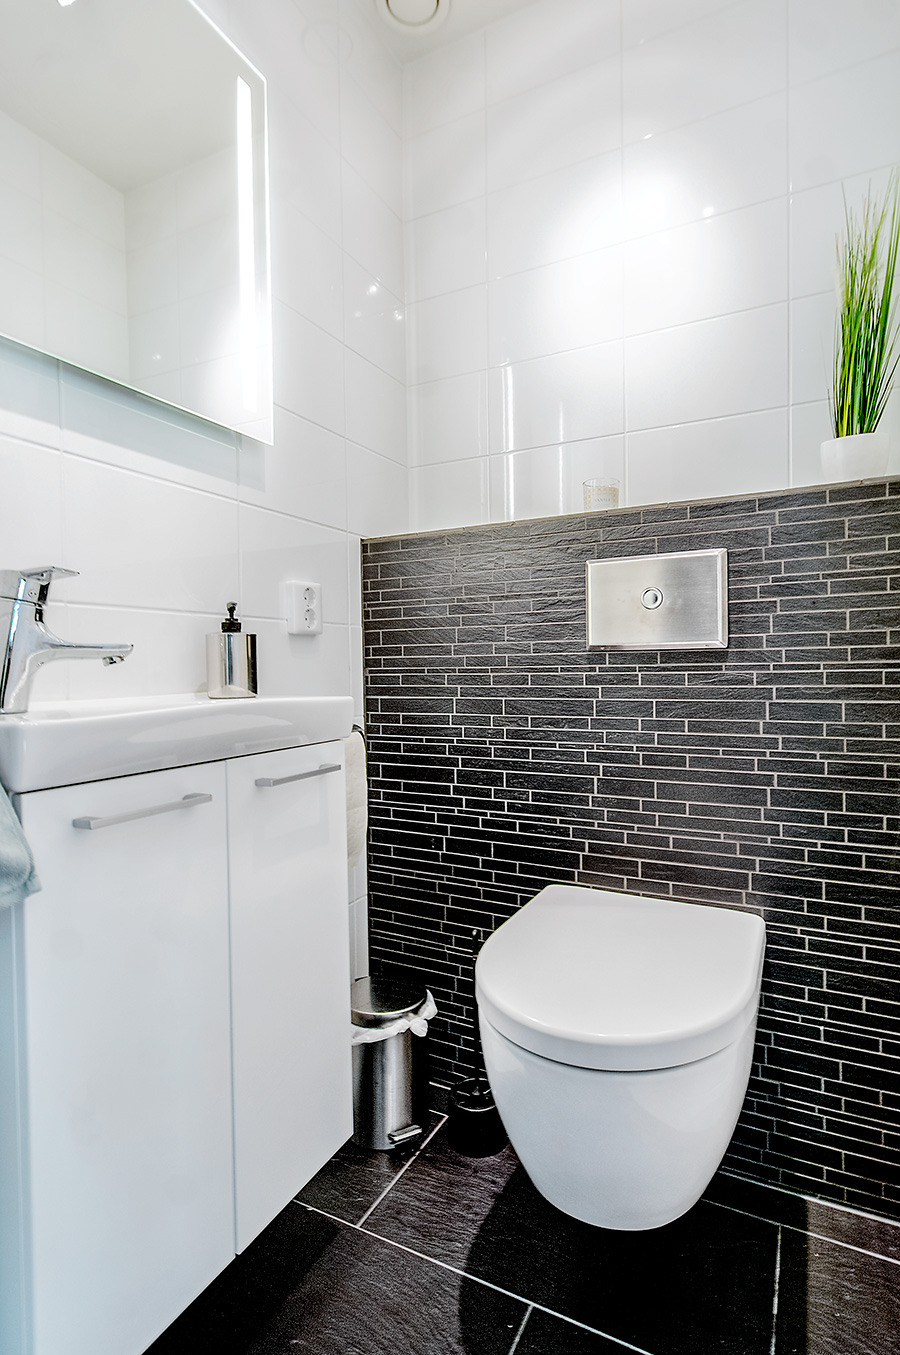 Badrum kostnad renovera badrum 10 kvm : Badrum - Rörmannen